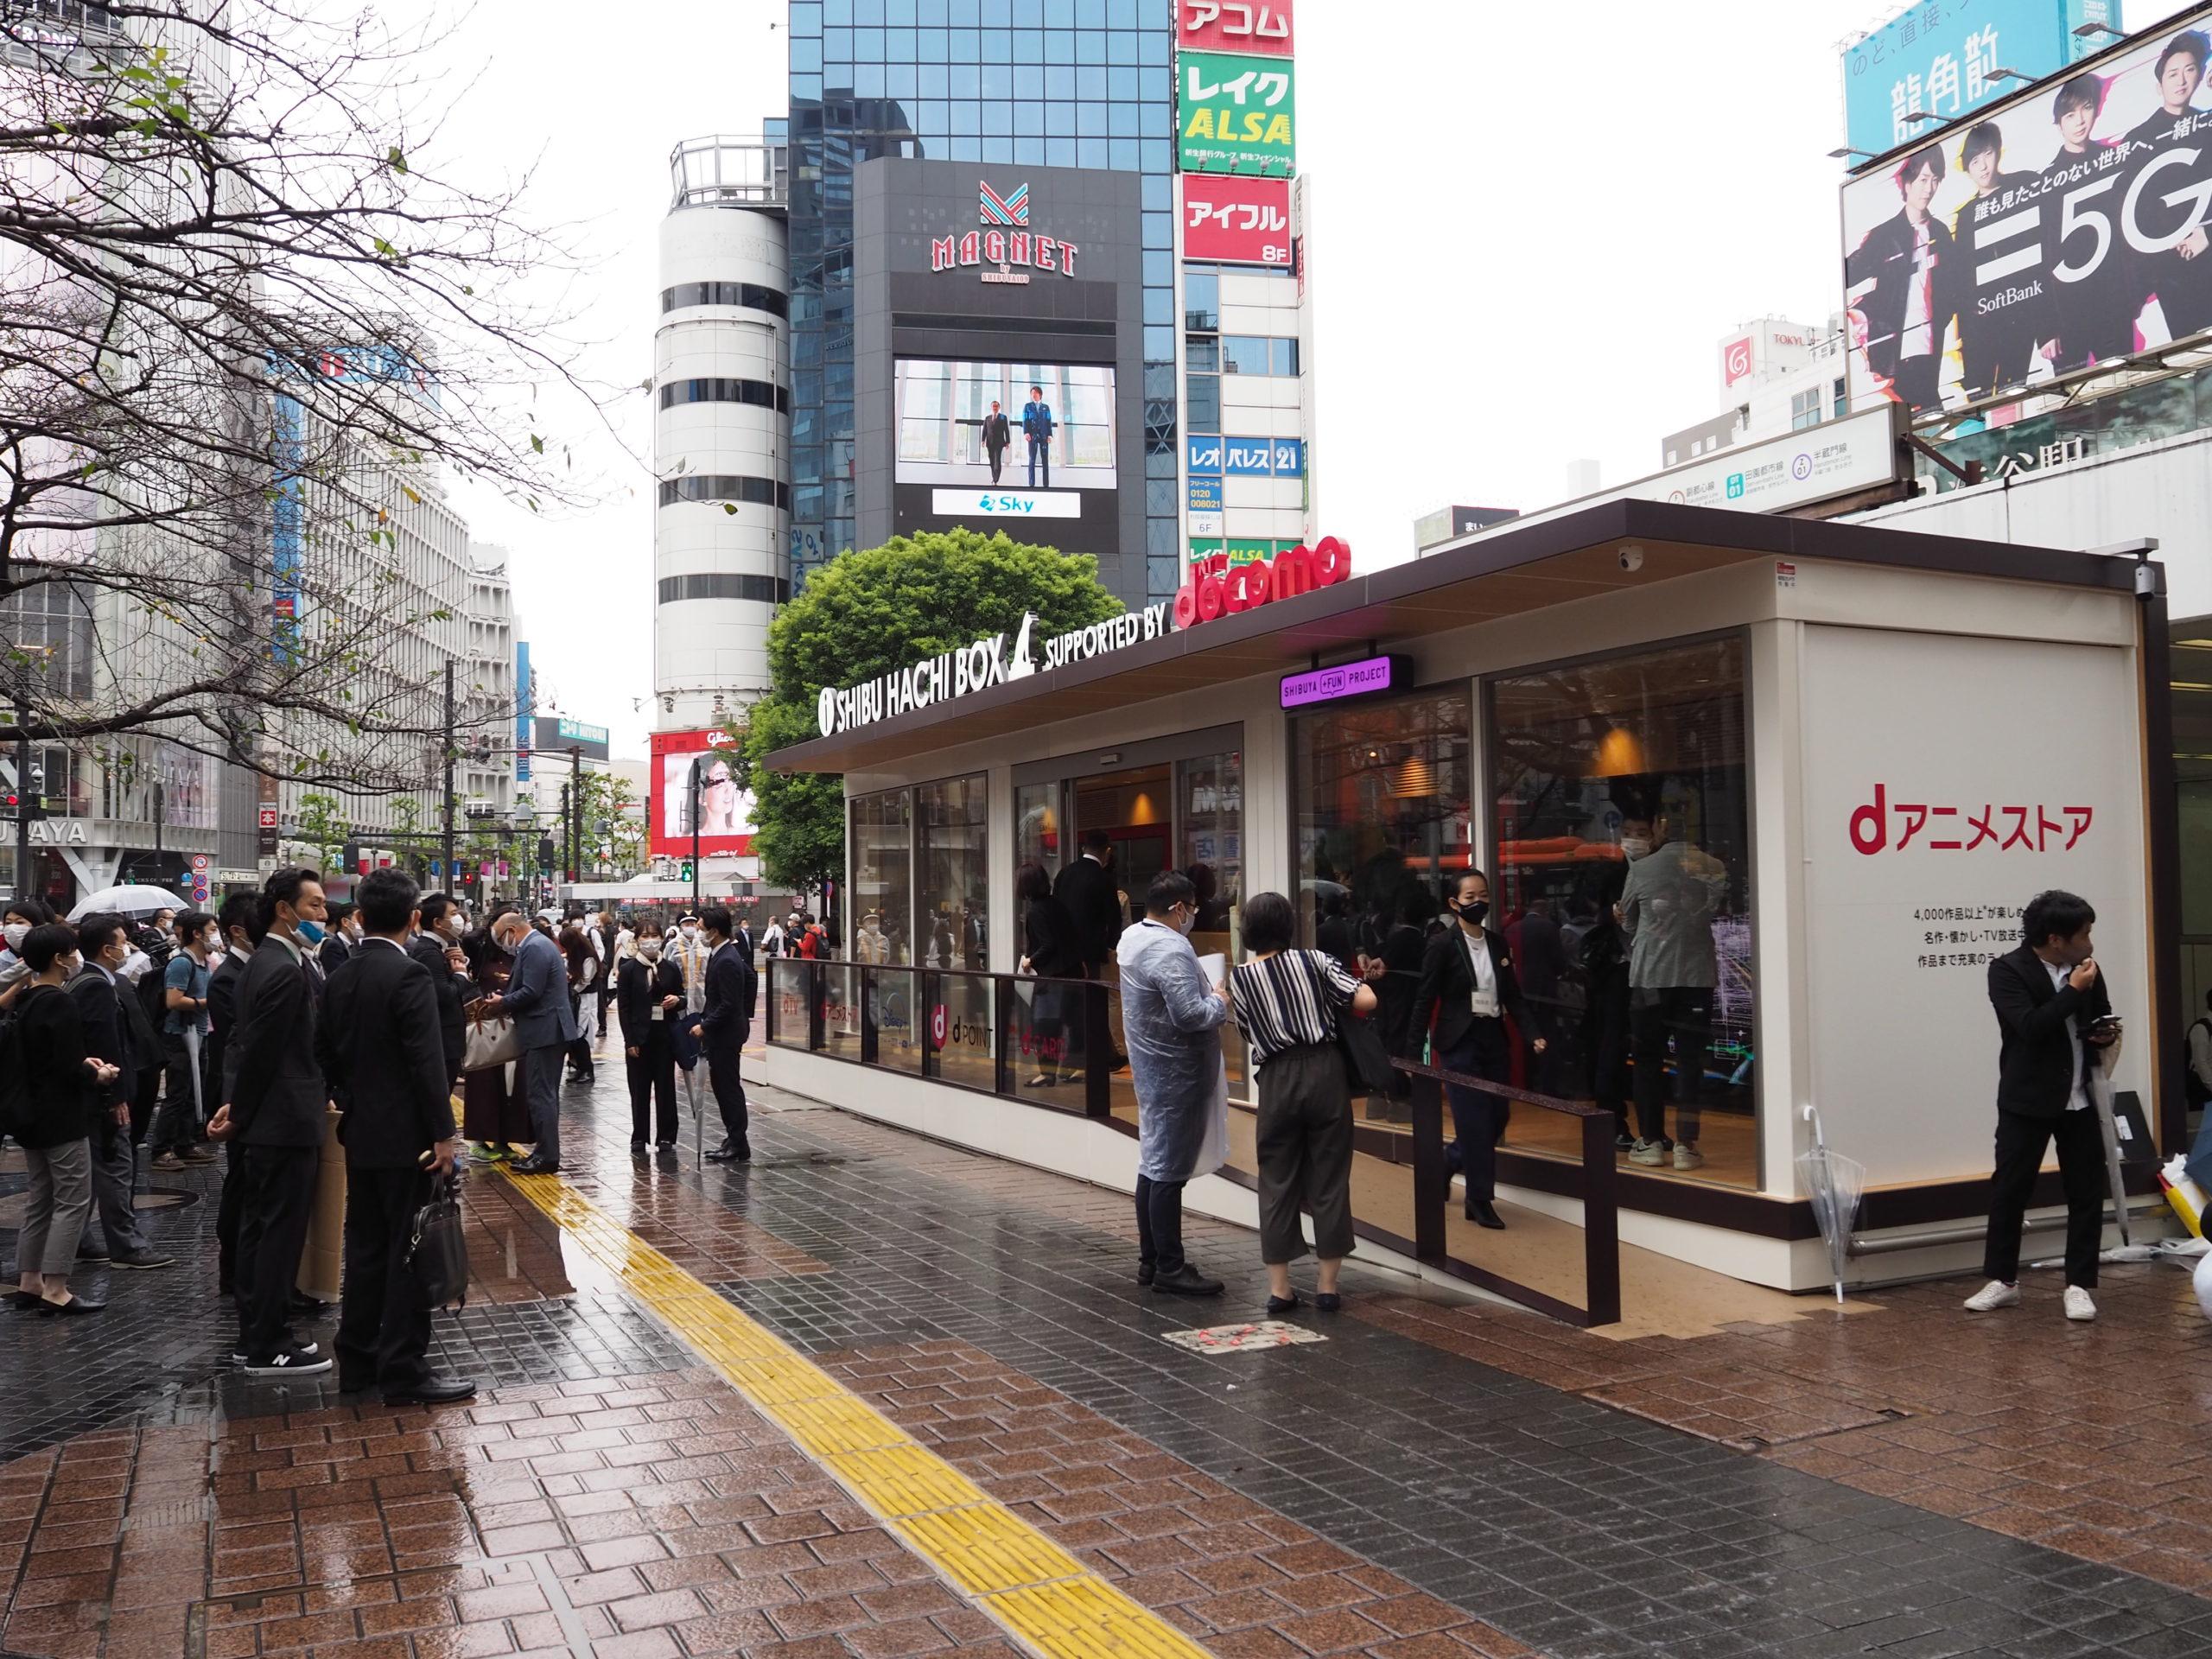 渋谷ハチ公前に新感覚観光案内所「SHIBU HACHI BOX」オープン